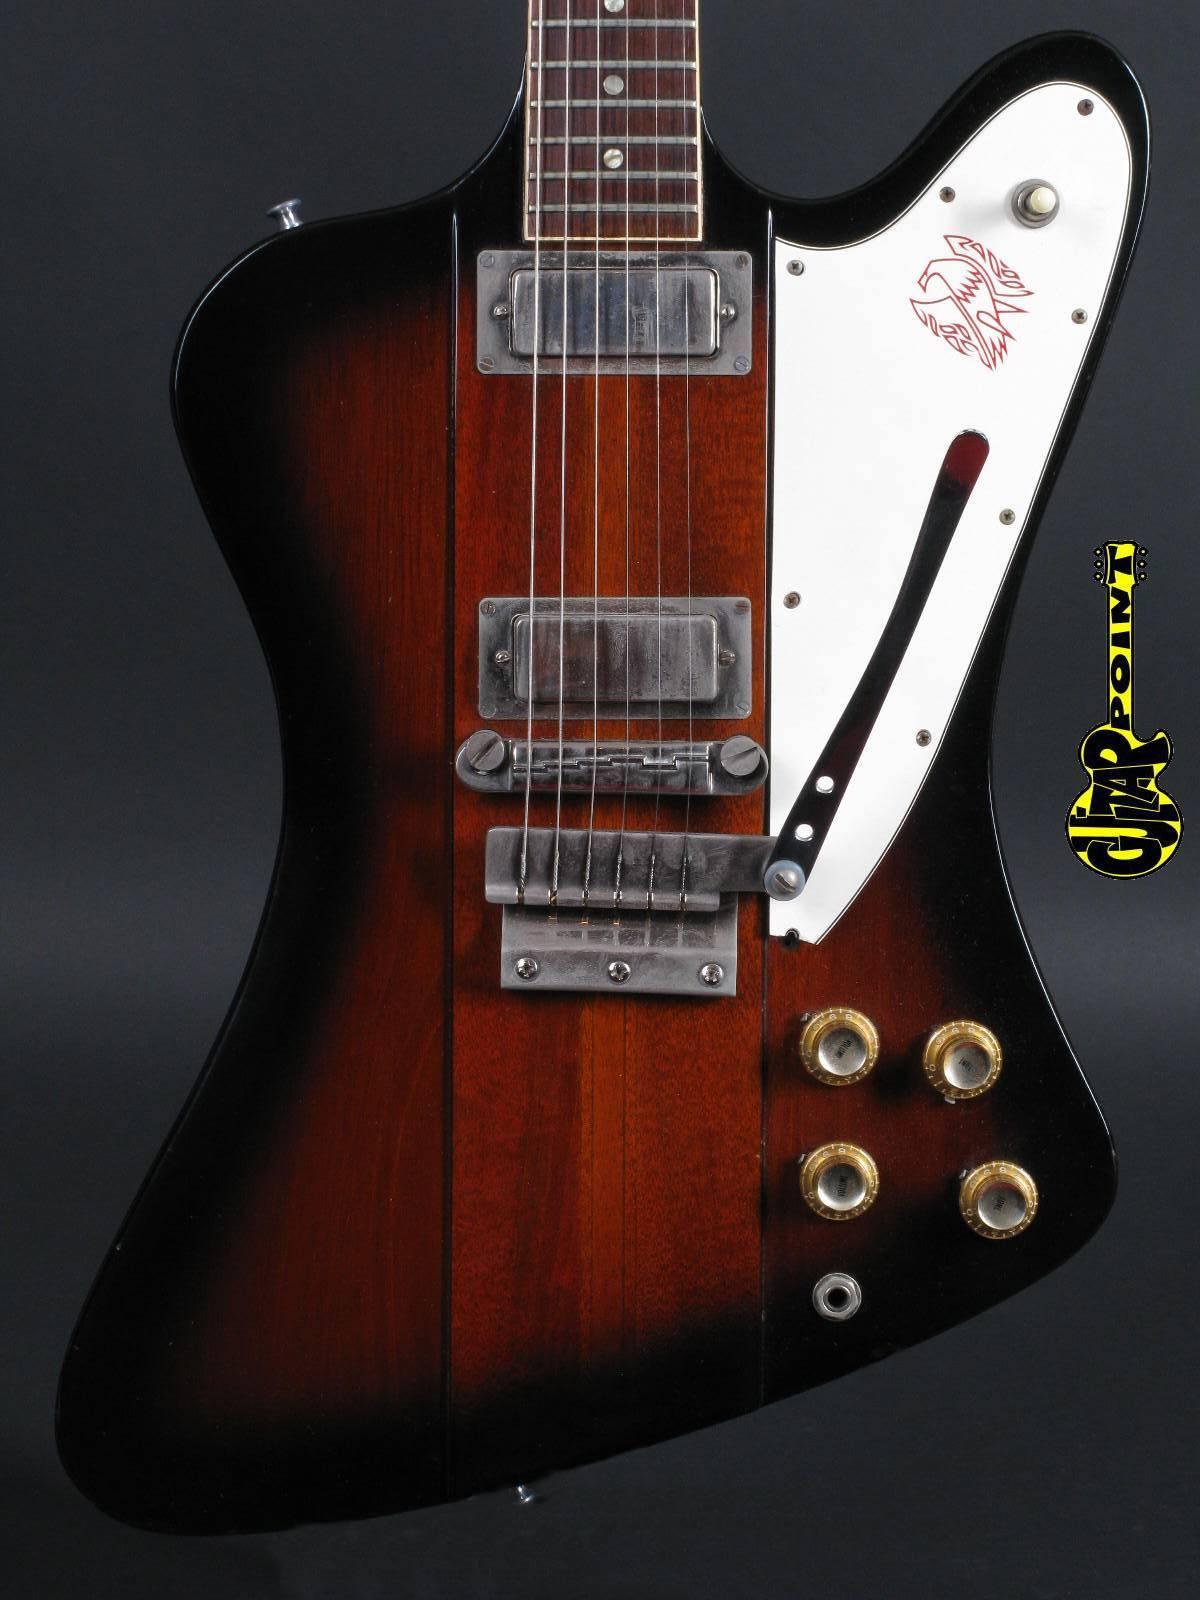 1964 Gibson Firebird III - Sunburst